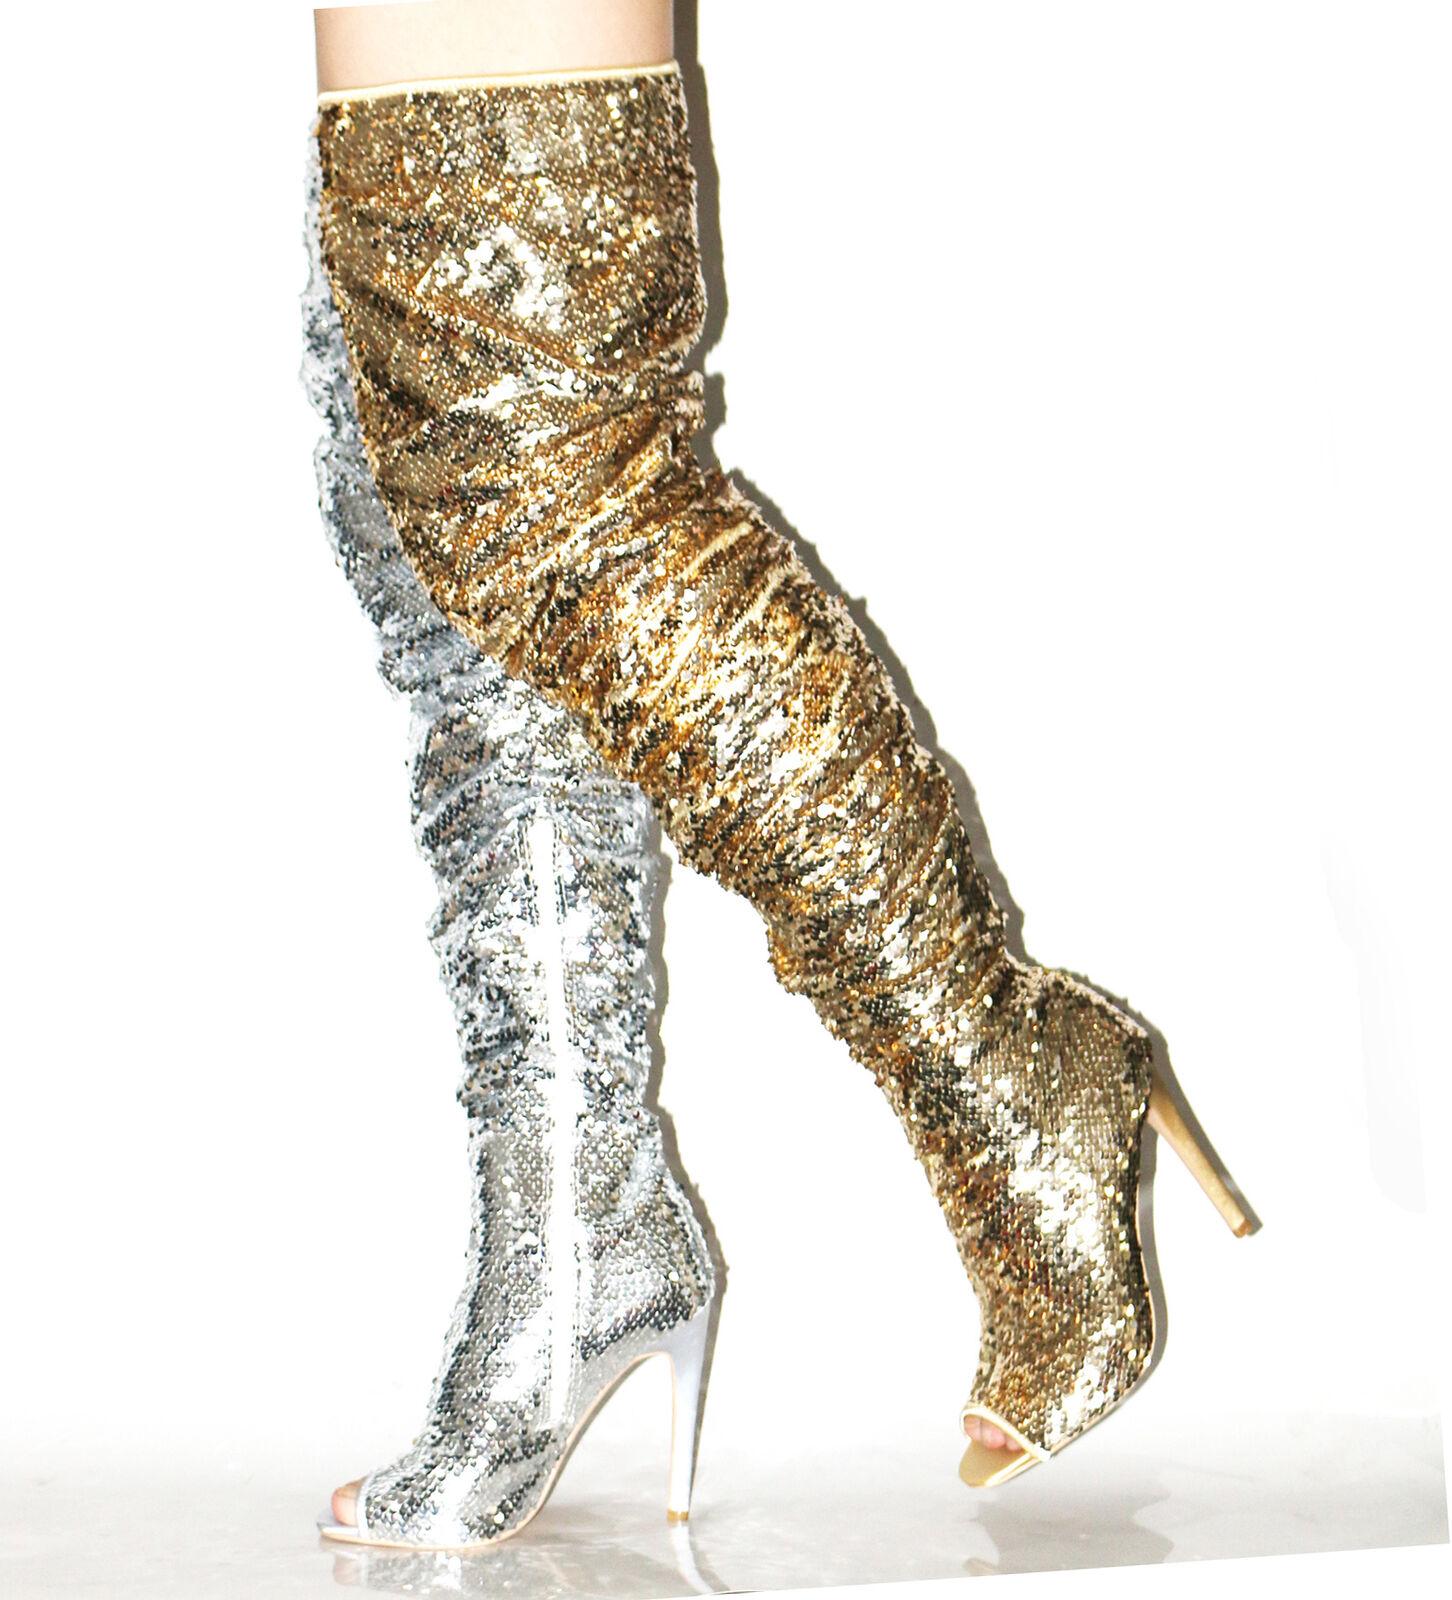 Mujeres Lentejuelas sobre la rodilla botas altas Peep Peep Peep Toe Tacón Alto Zapatos De Tacones Altos Club nocturno 18463d